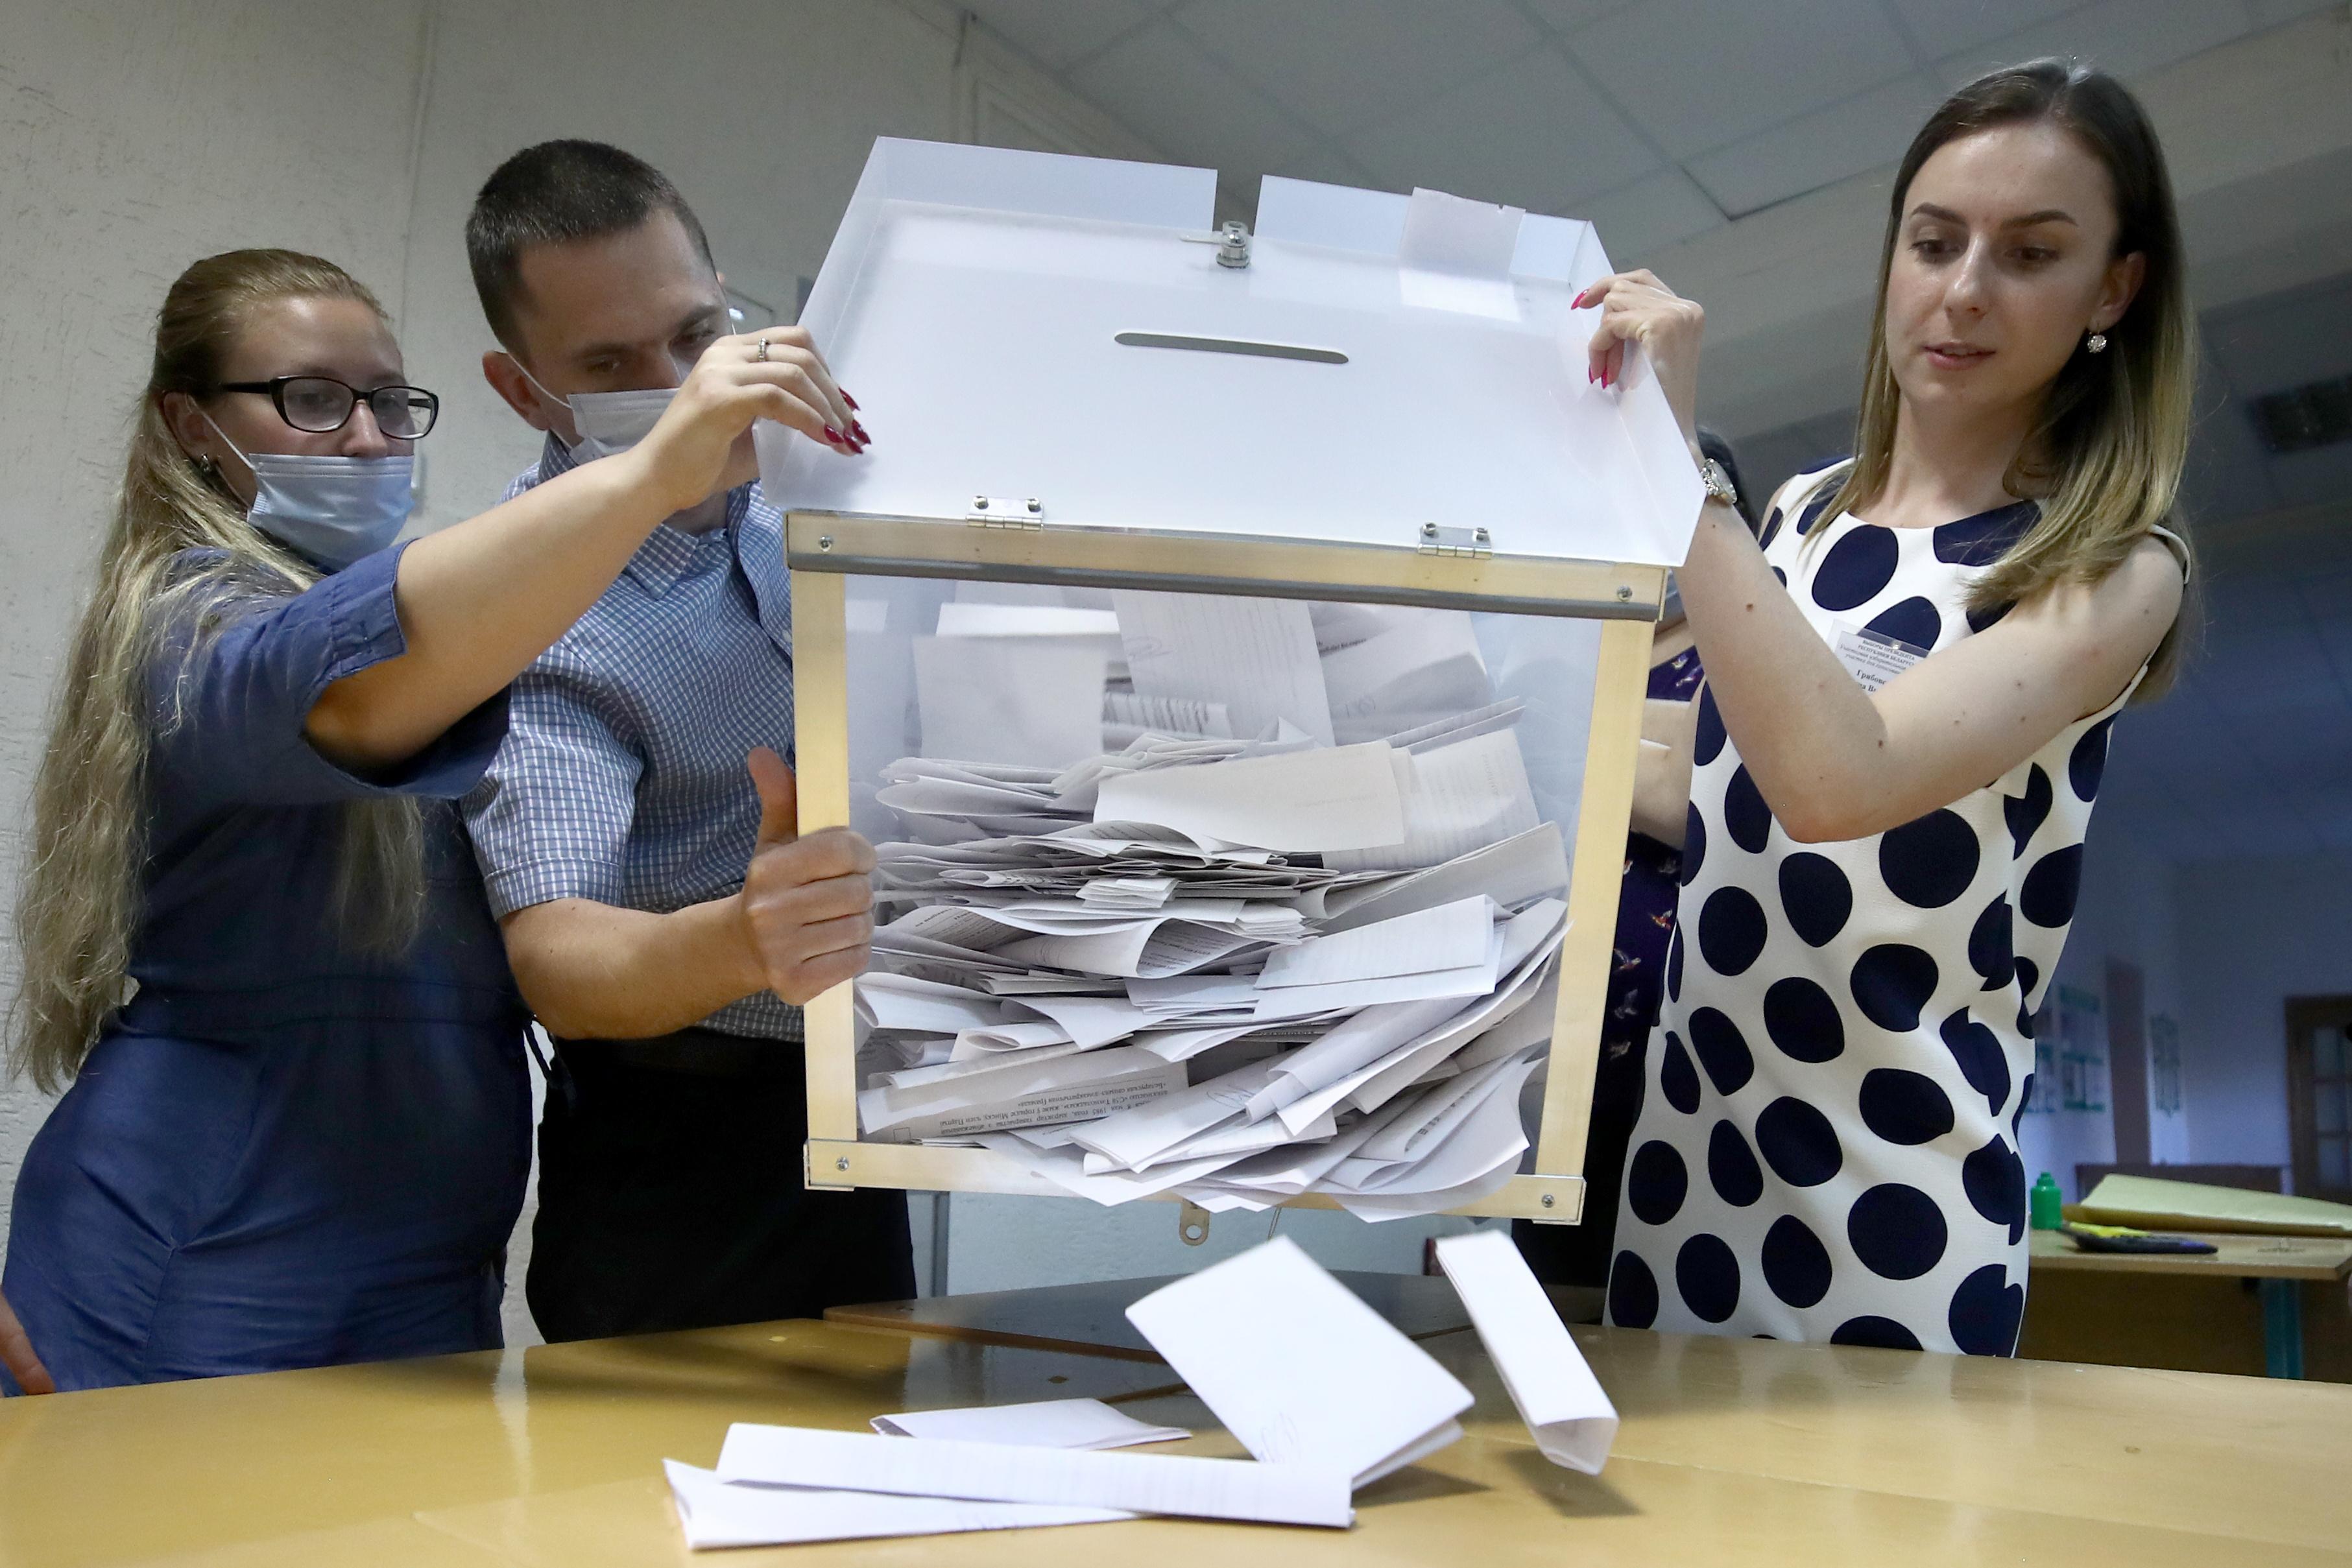 Помпео назвал выборы в Белоруссии несправедливыми и несвободными